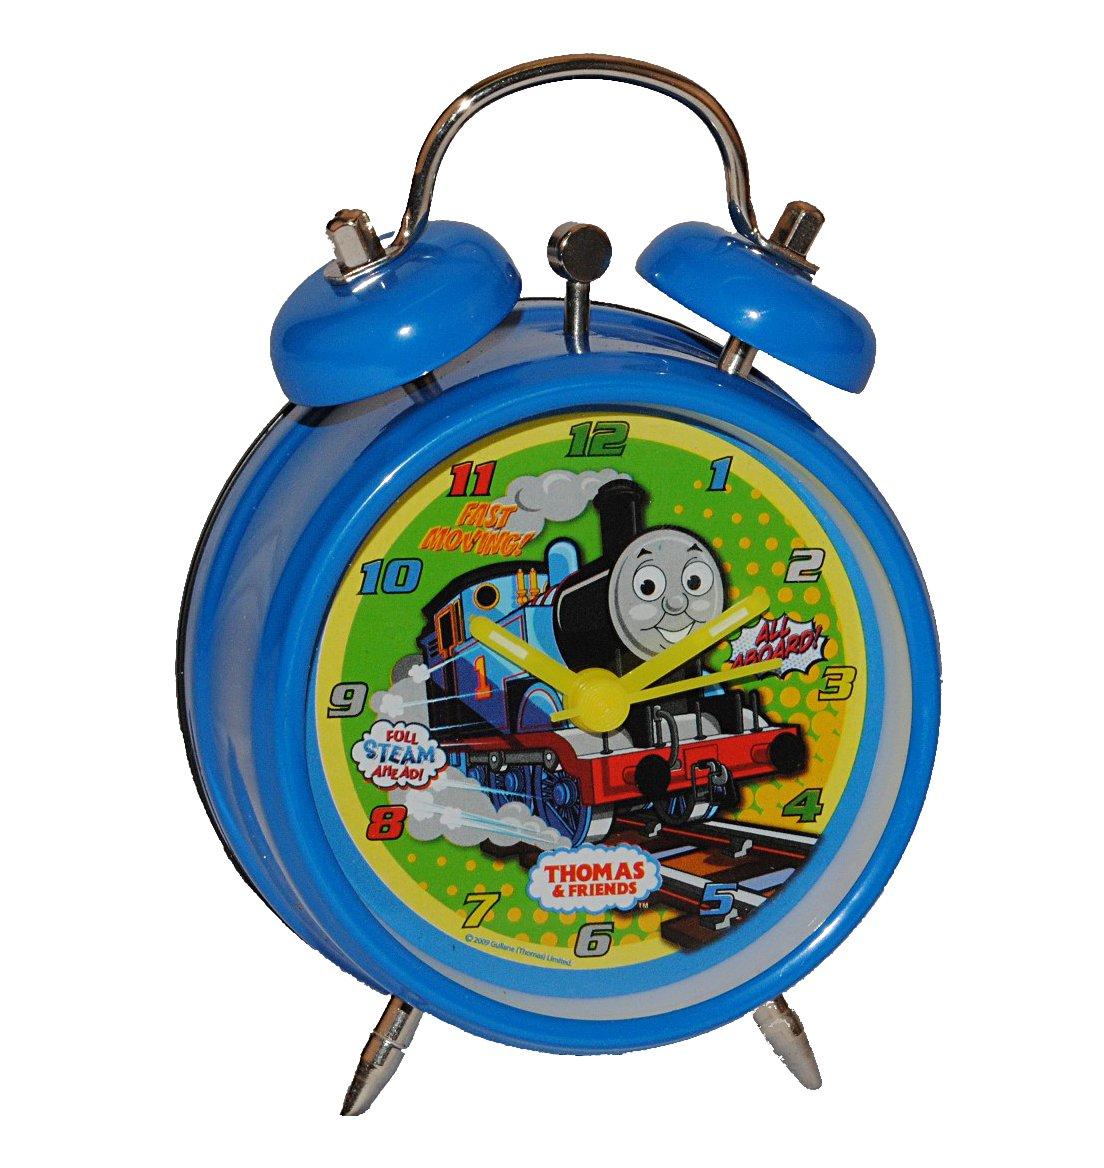 Kinderwecker Thomas and friends – Kinder Wecker blau und seine Freunde Lokomotive Eisenbahn Lok Metallwecker Metall Jungen Alarm Analog online bestellen